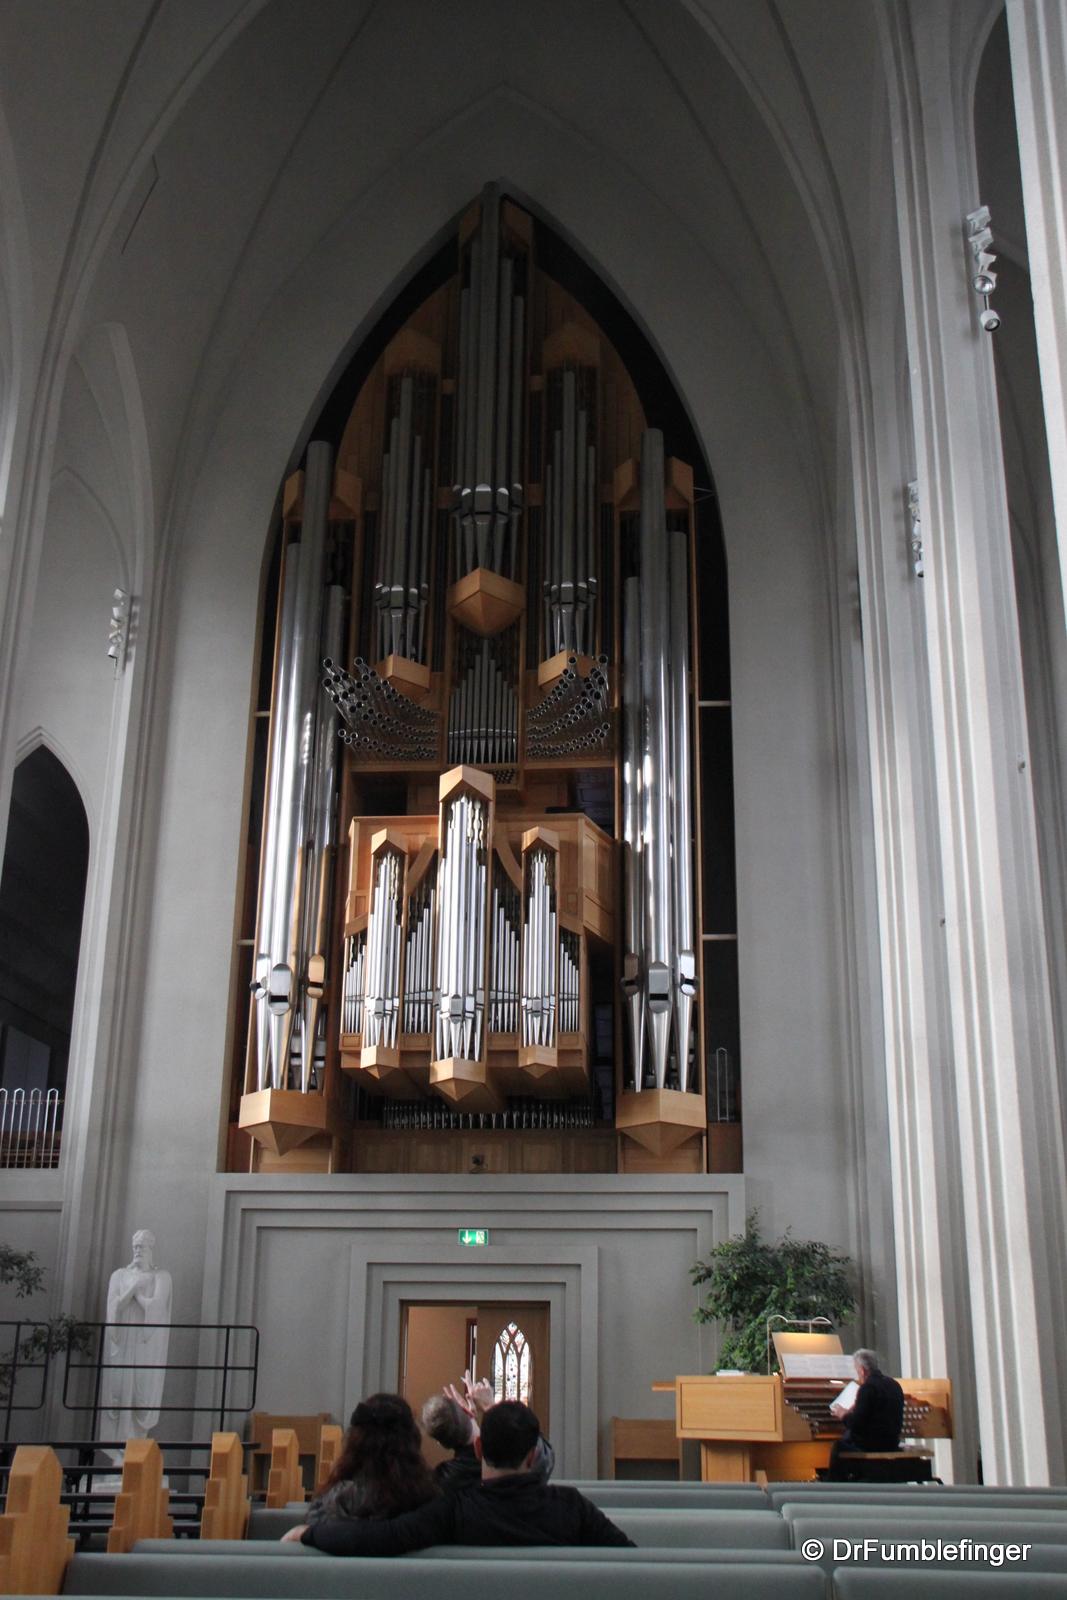 Pipe organ at Hallsgrimkirkje